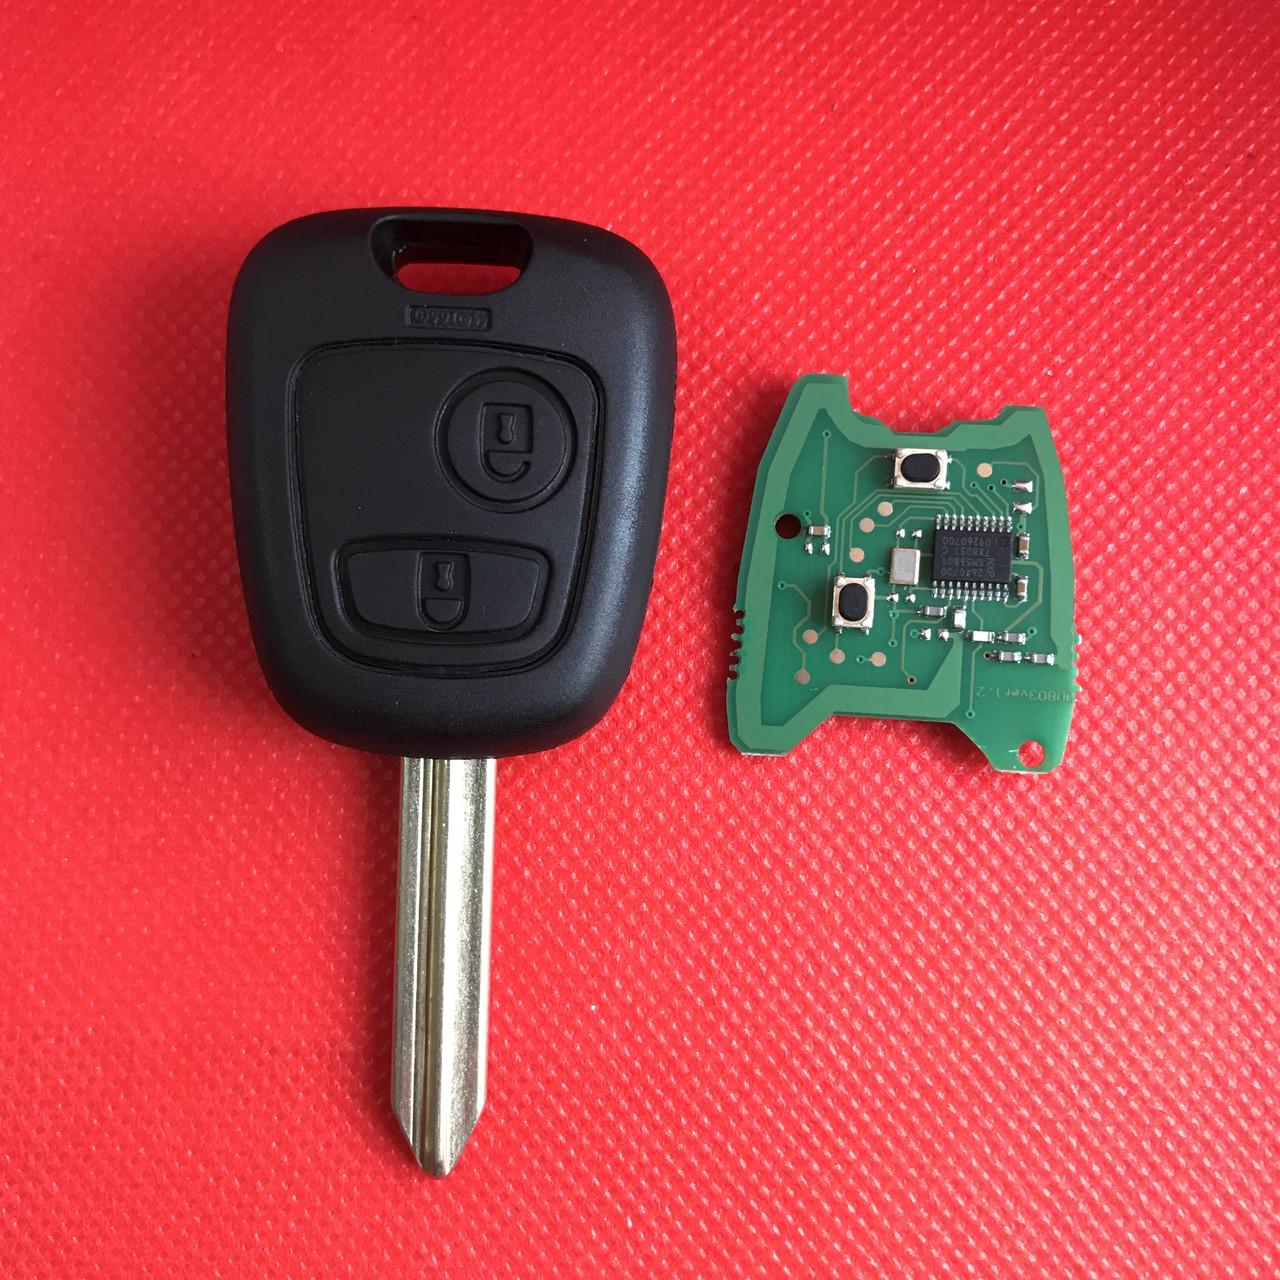 Ключ  Пежо  PEUGEOT   2 кнопки, с чипом ID46, PCF 7941, 433 Mhz, лезвие SX9